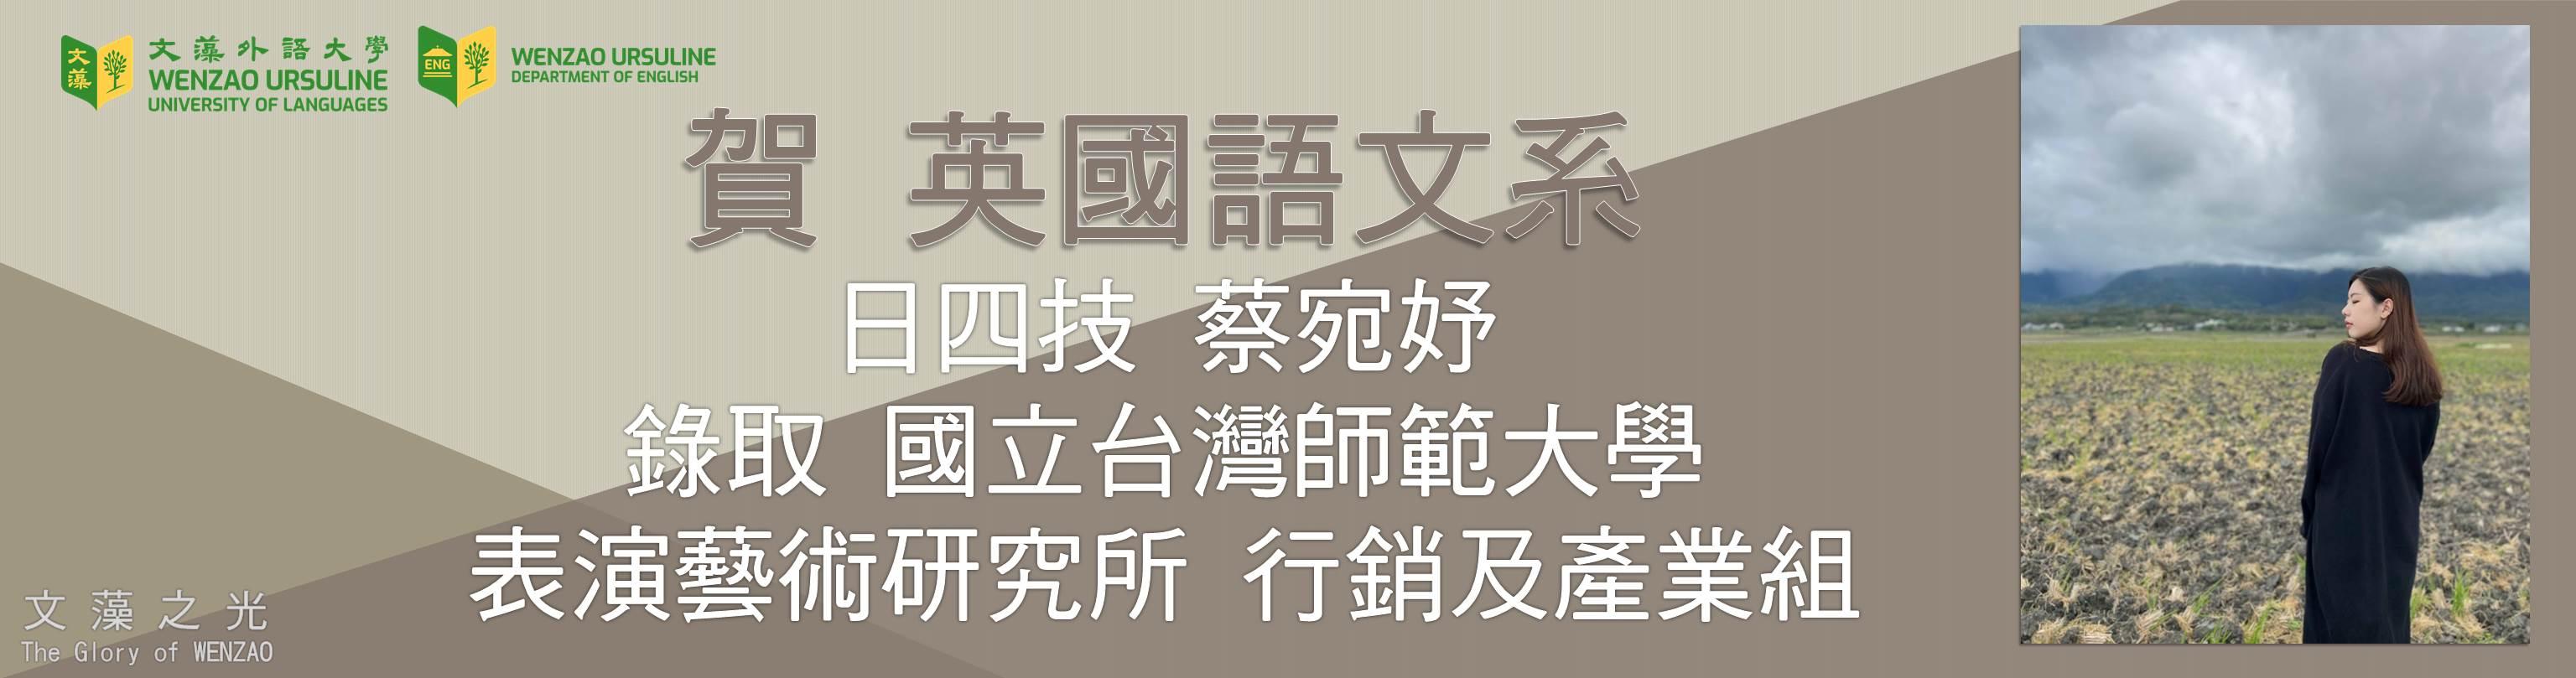 文藻之光 - 台師大 - 表演藝術研究所(另開新視窗)